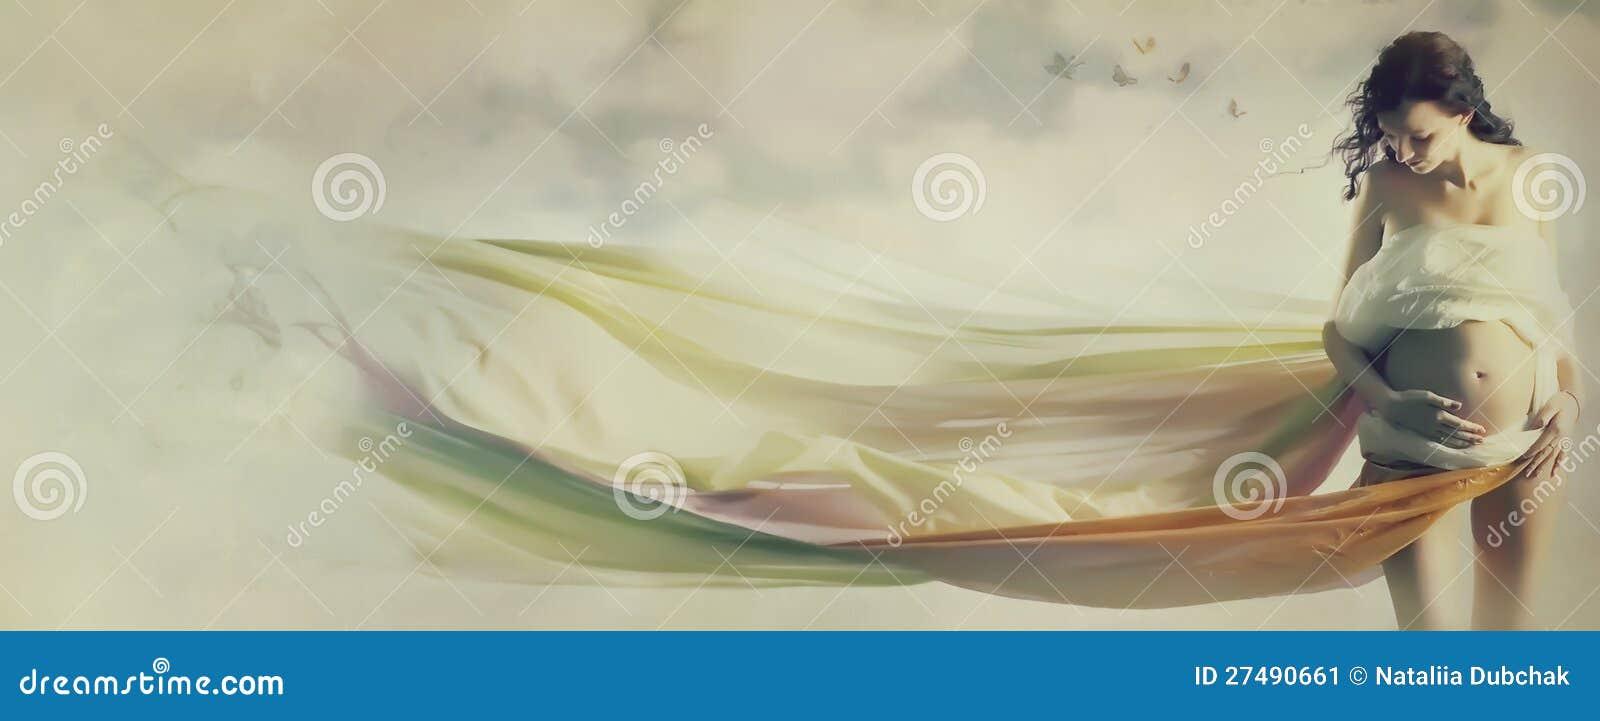 W falowanie tkaninie piękny kobieta w ciąży